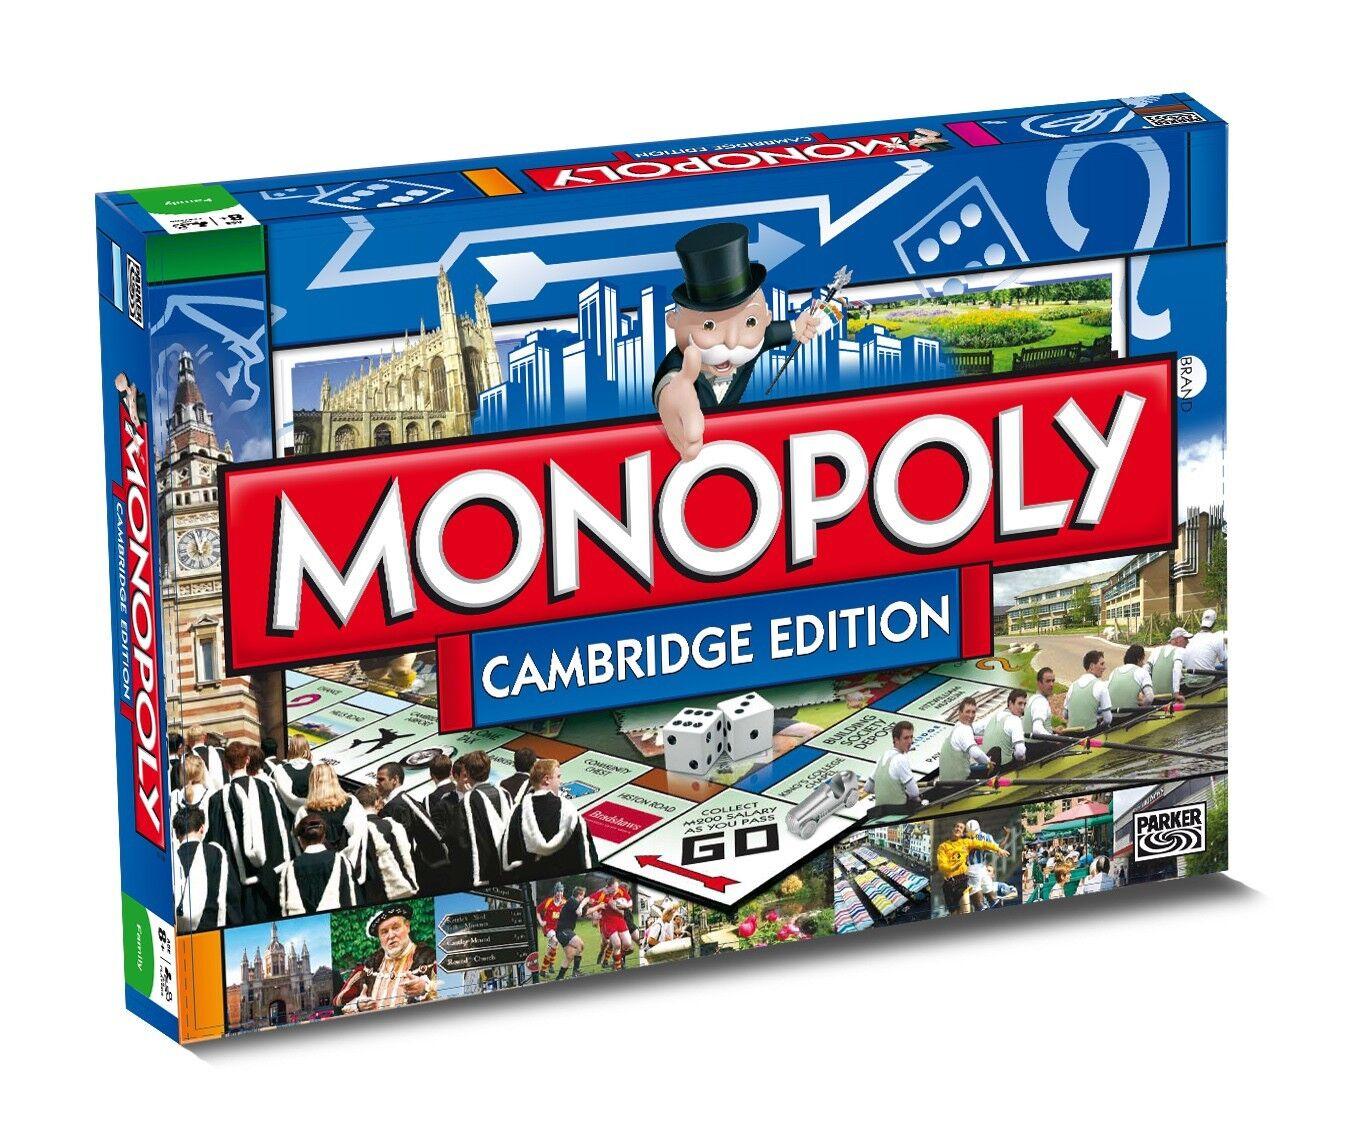 Originale Monopoly Cambridge Edizione Inglese Gioco di Società da  Tavola Nuovo  il più economico